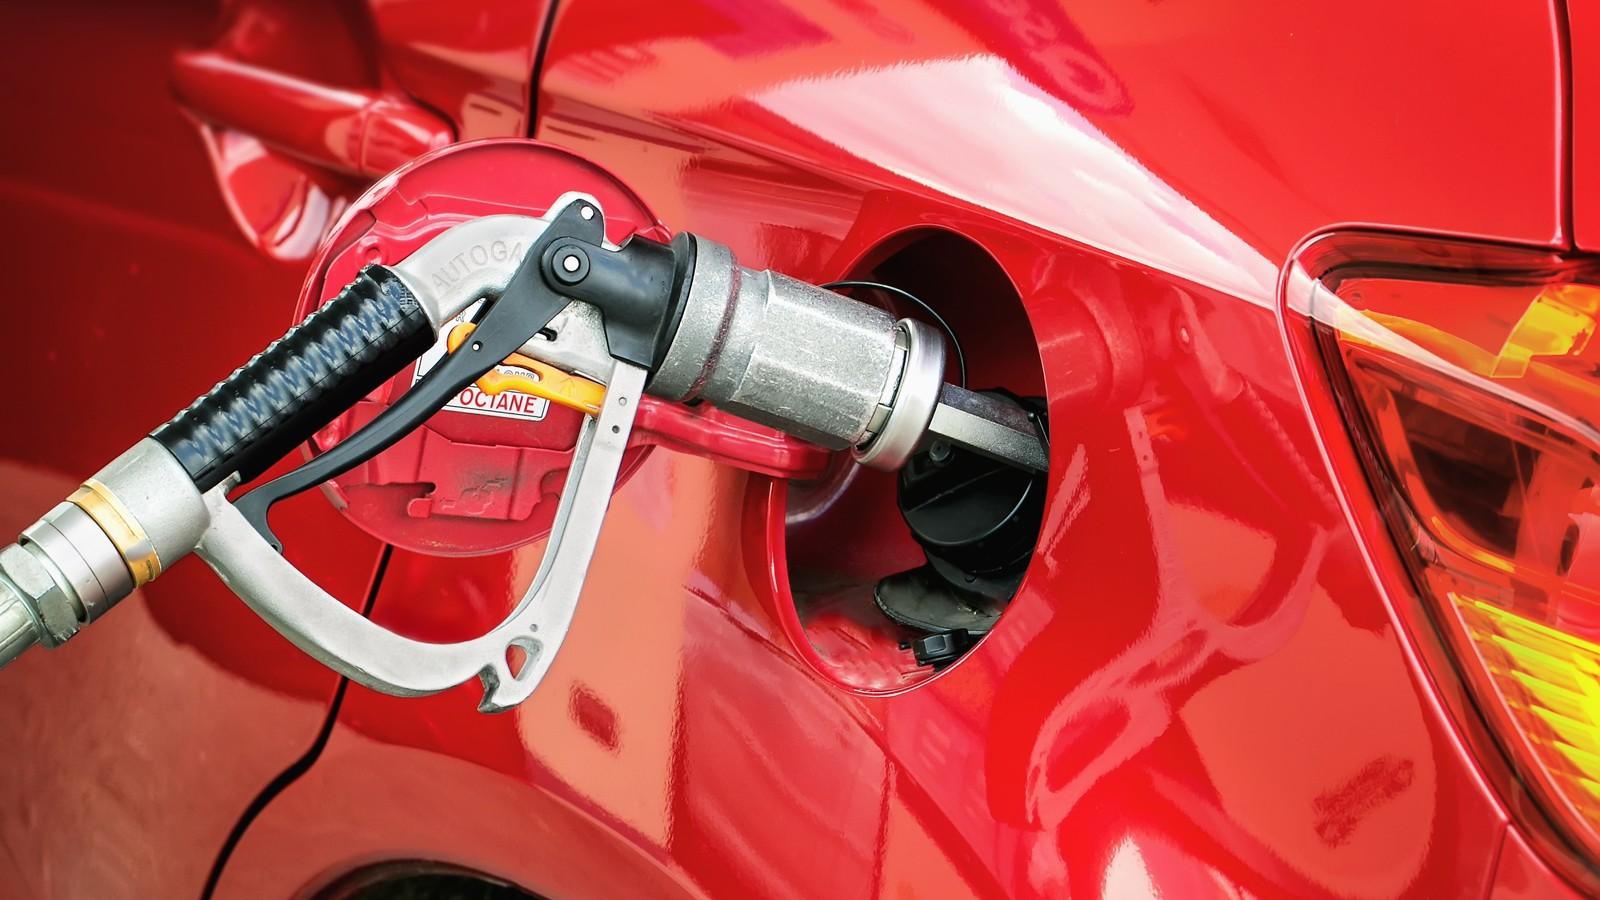 Autogas / LPG pump